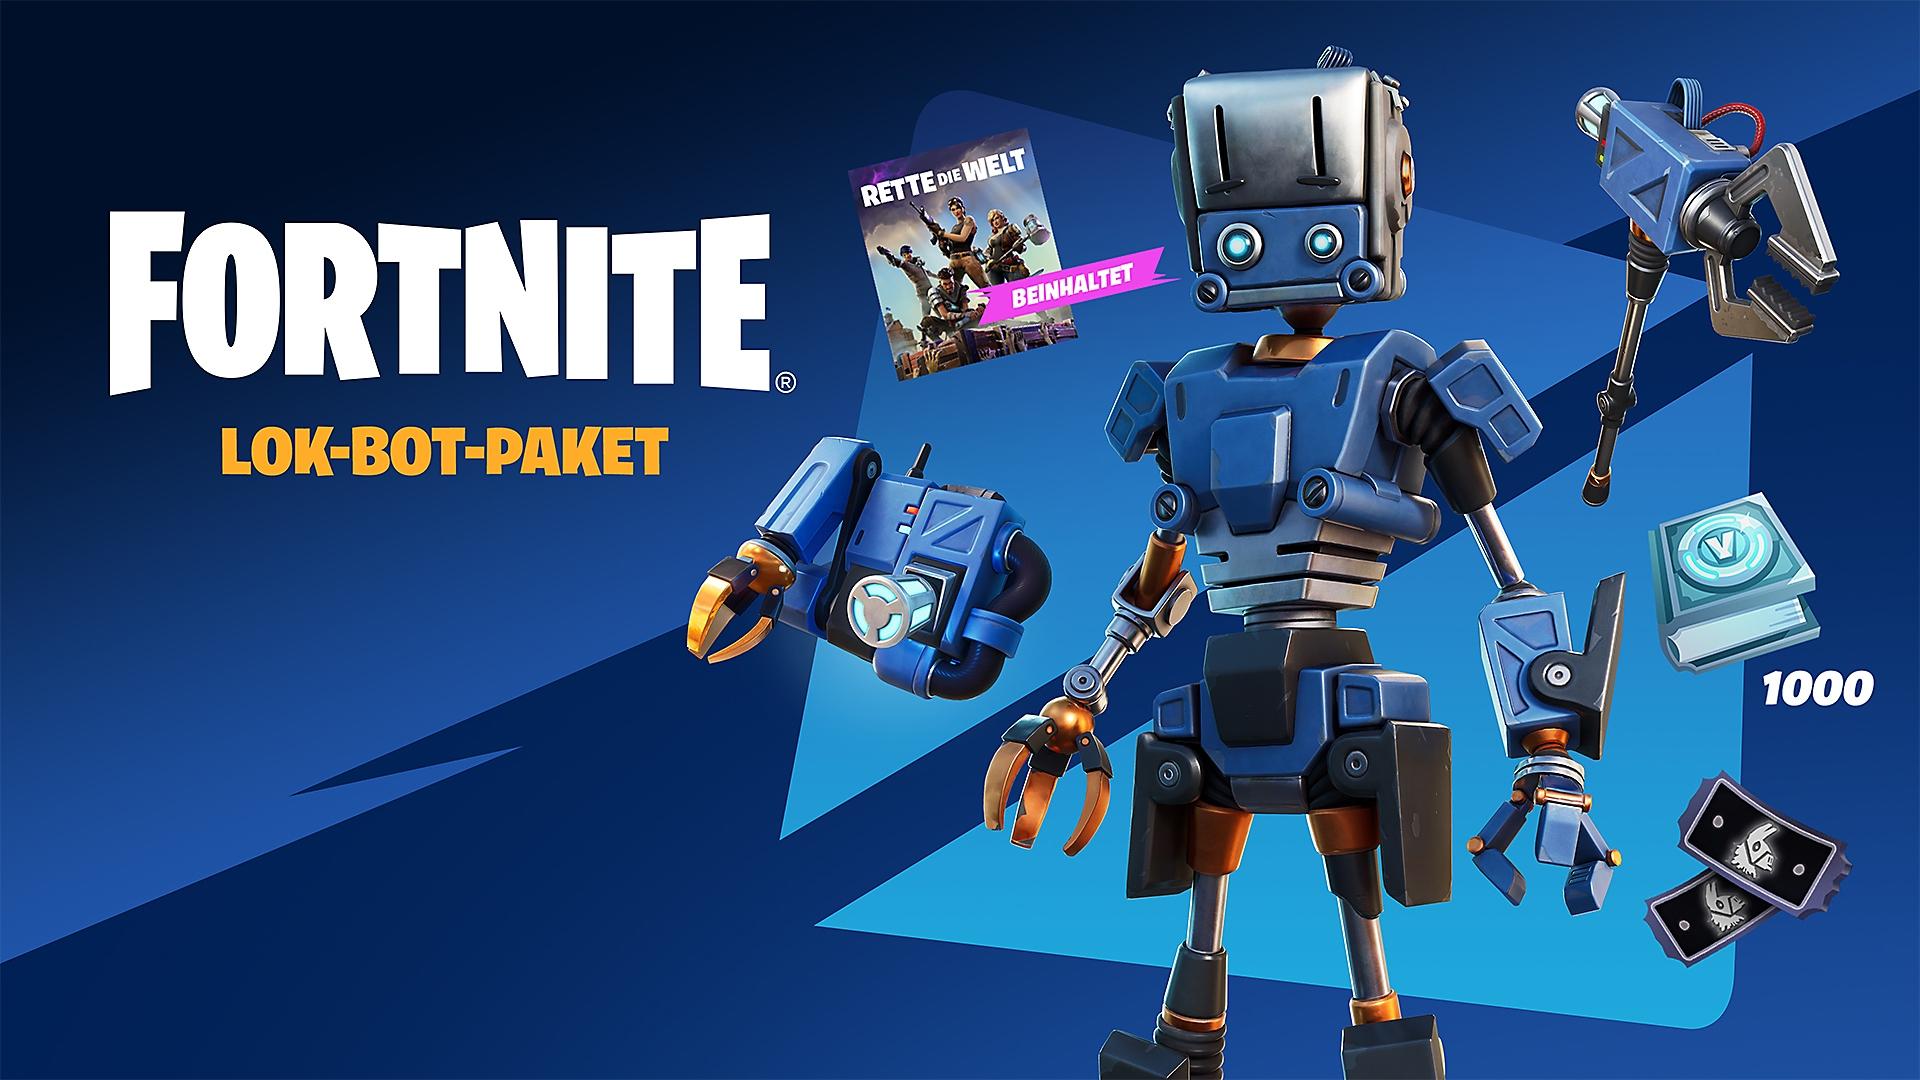 Lok-Bot-Paket